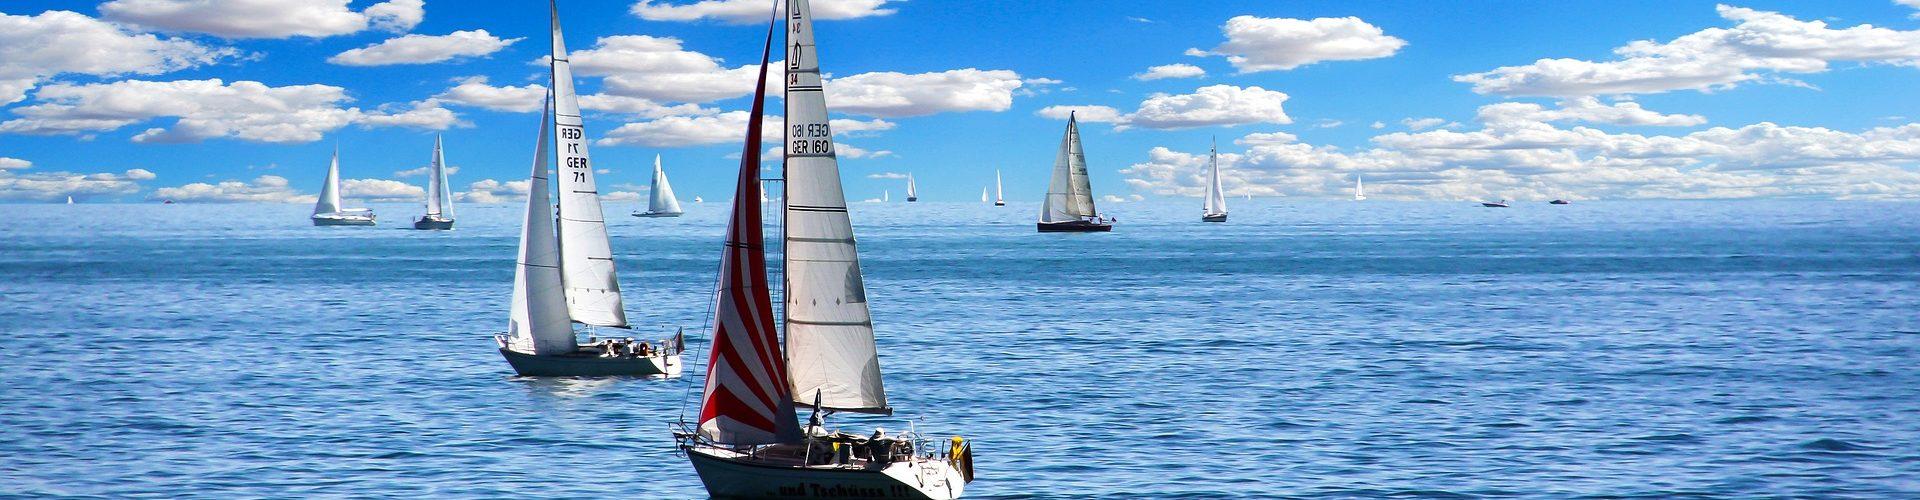 segeln lernen in Dillingen segelschein machen in Dillingen 1920x500 - Segeln lernen in Dillingen